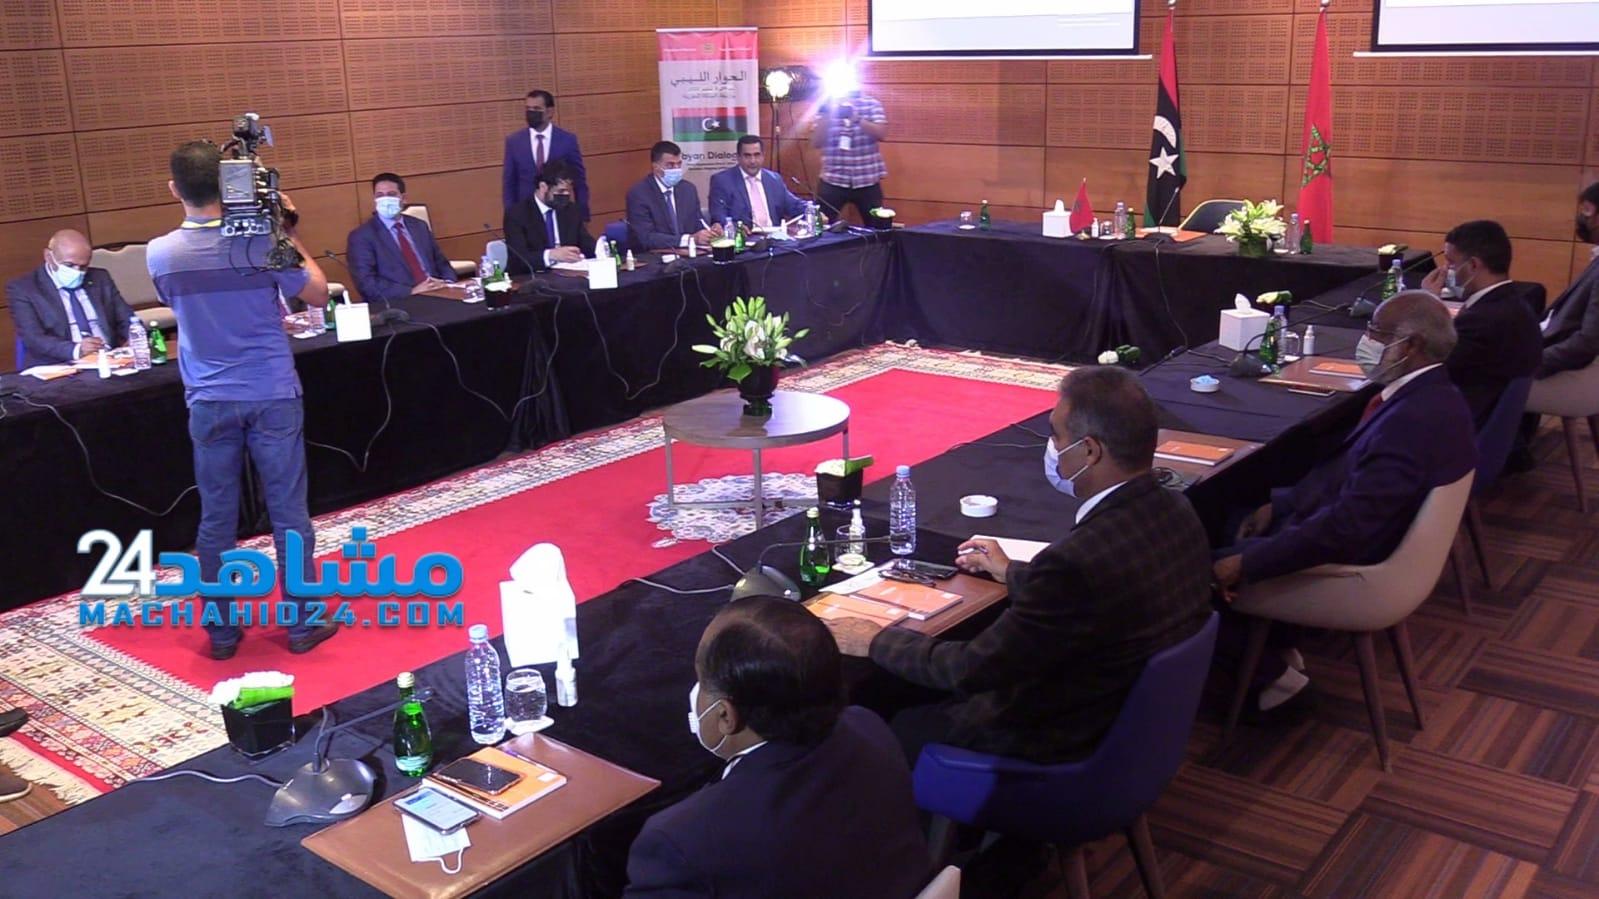 مع تمديد الحوار.. هل يتوصل أطراف النزاع في ليبيا إلى حل سياسي ببوزنيقة؟ (صور)